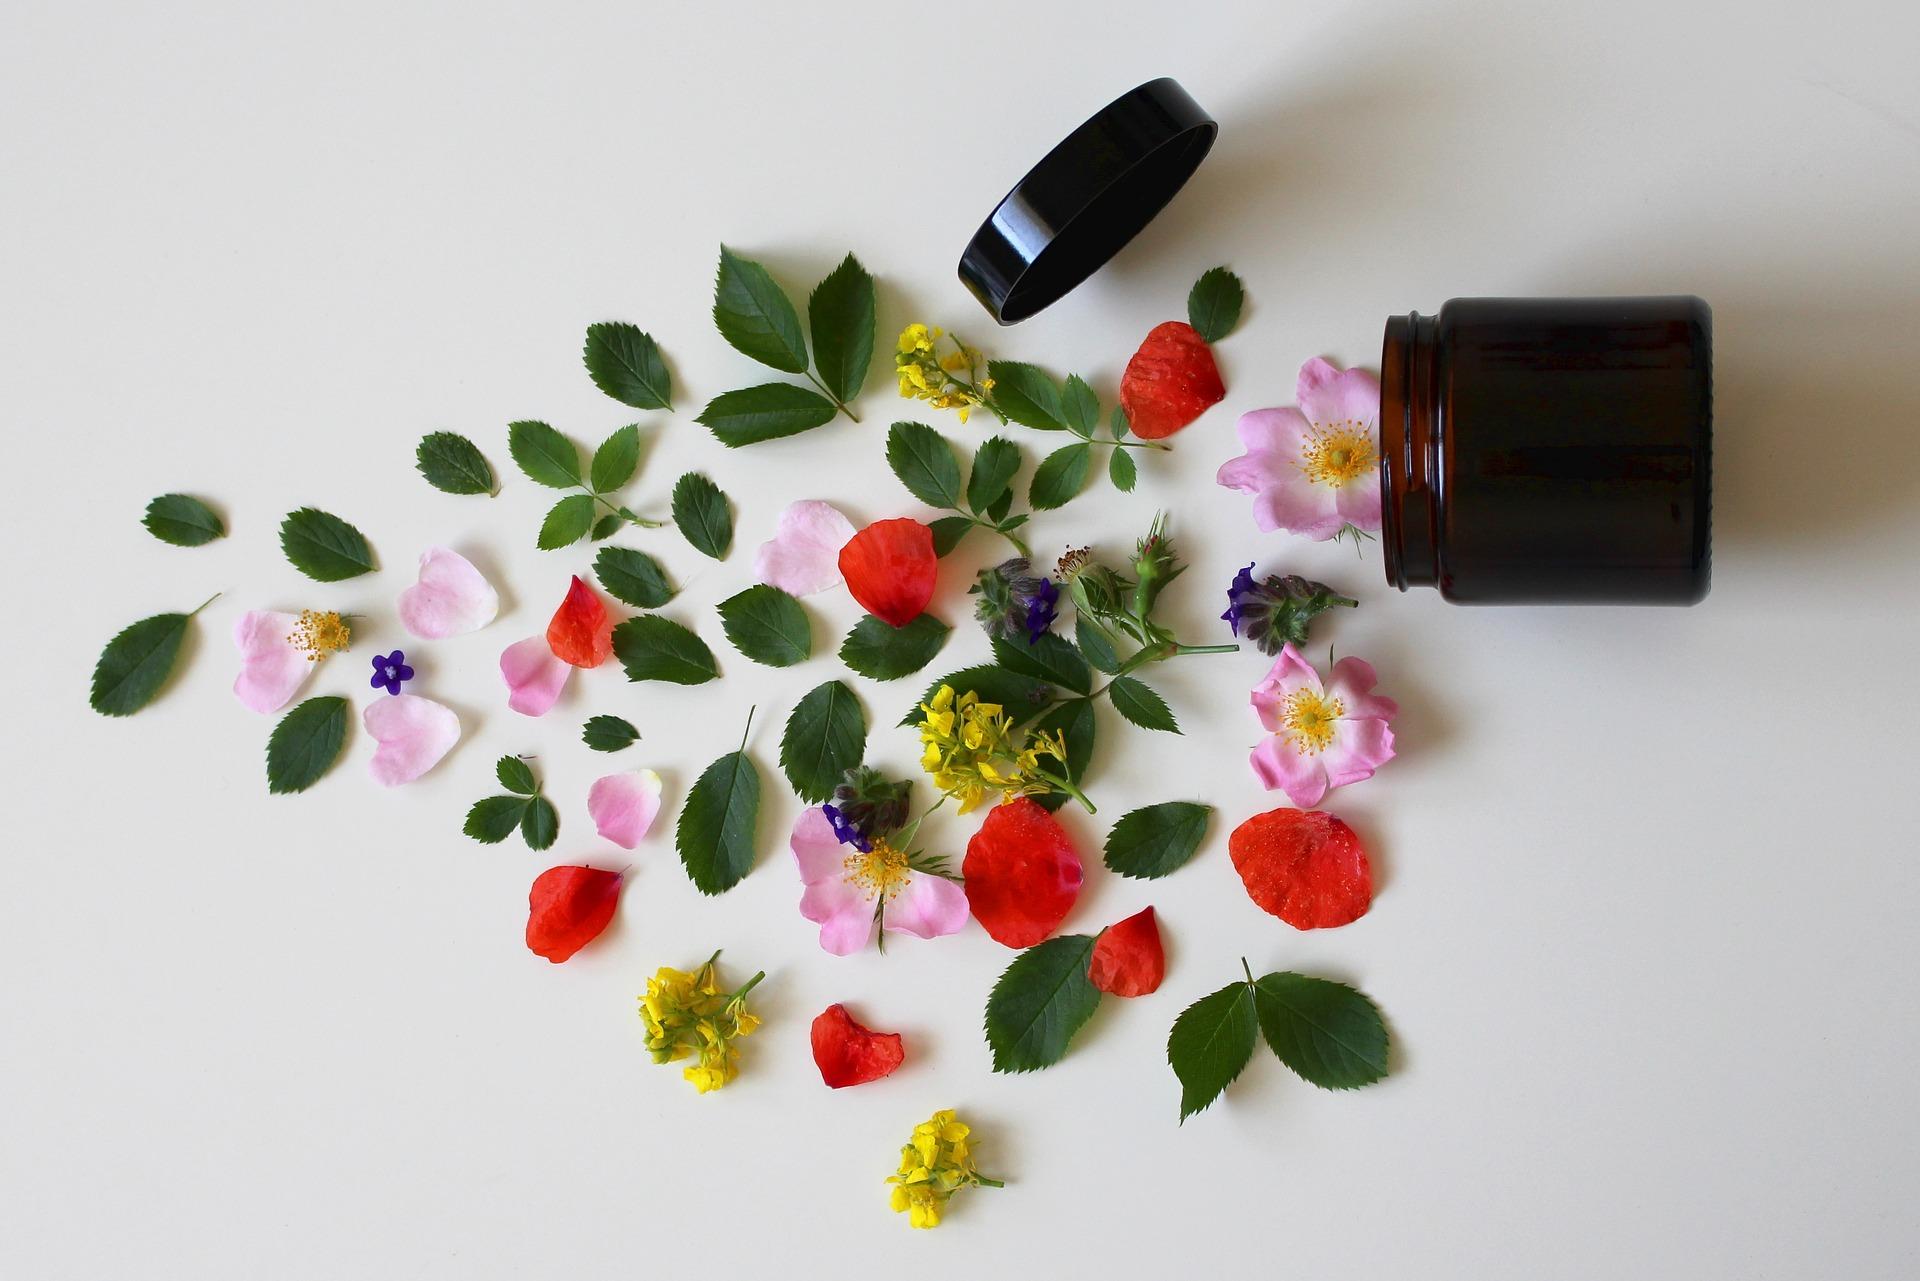 【元美容部員が解説】花粉による肌荒れ対策とおすすめアイテム20選